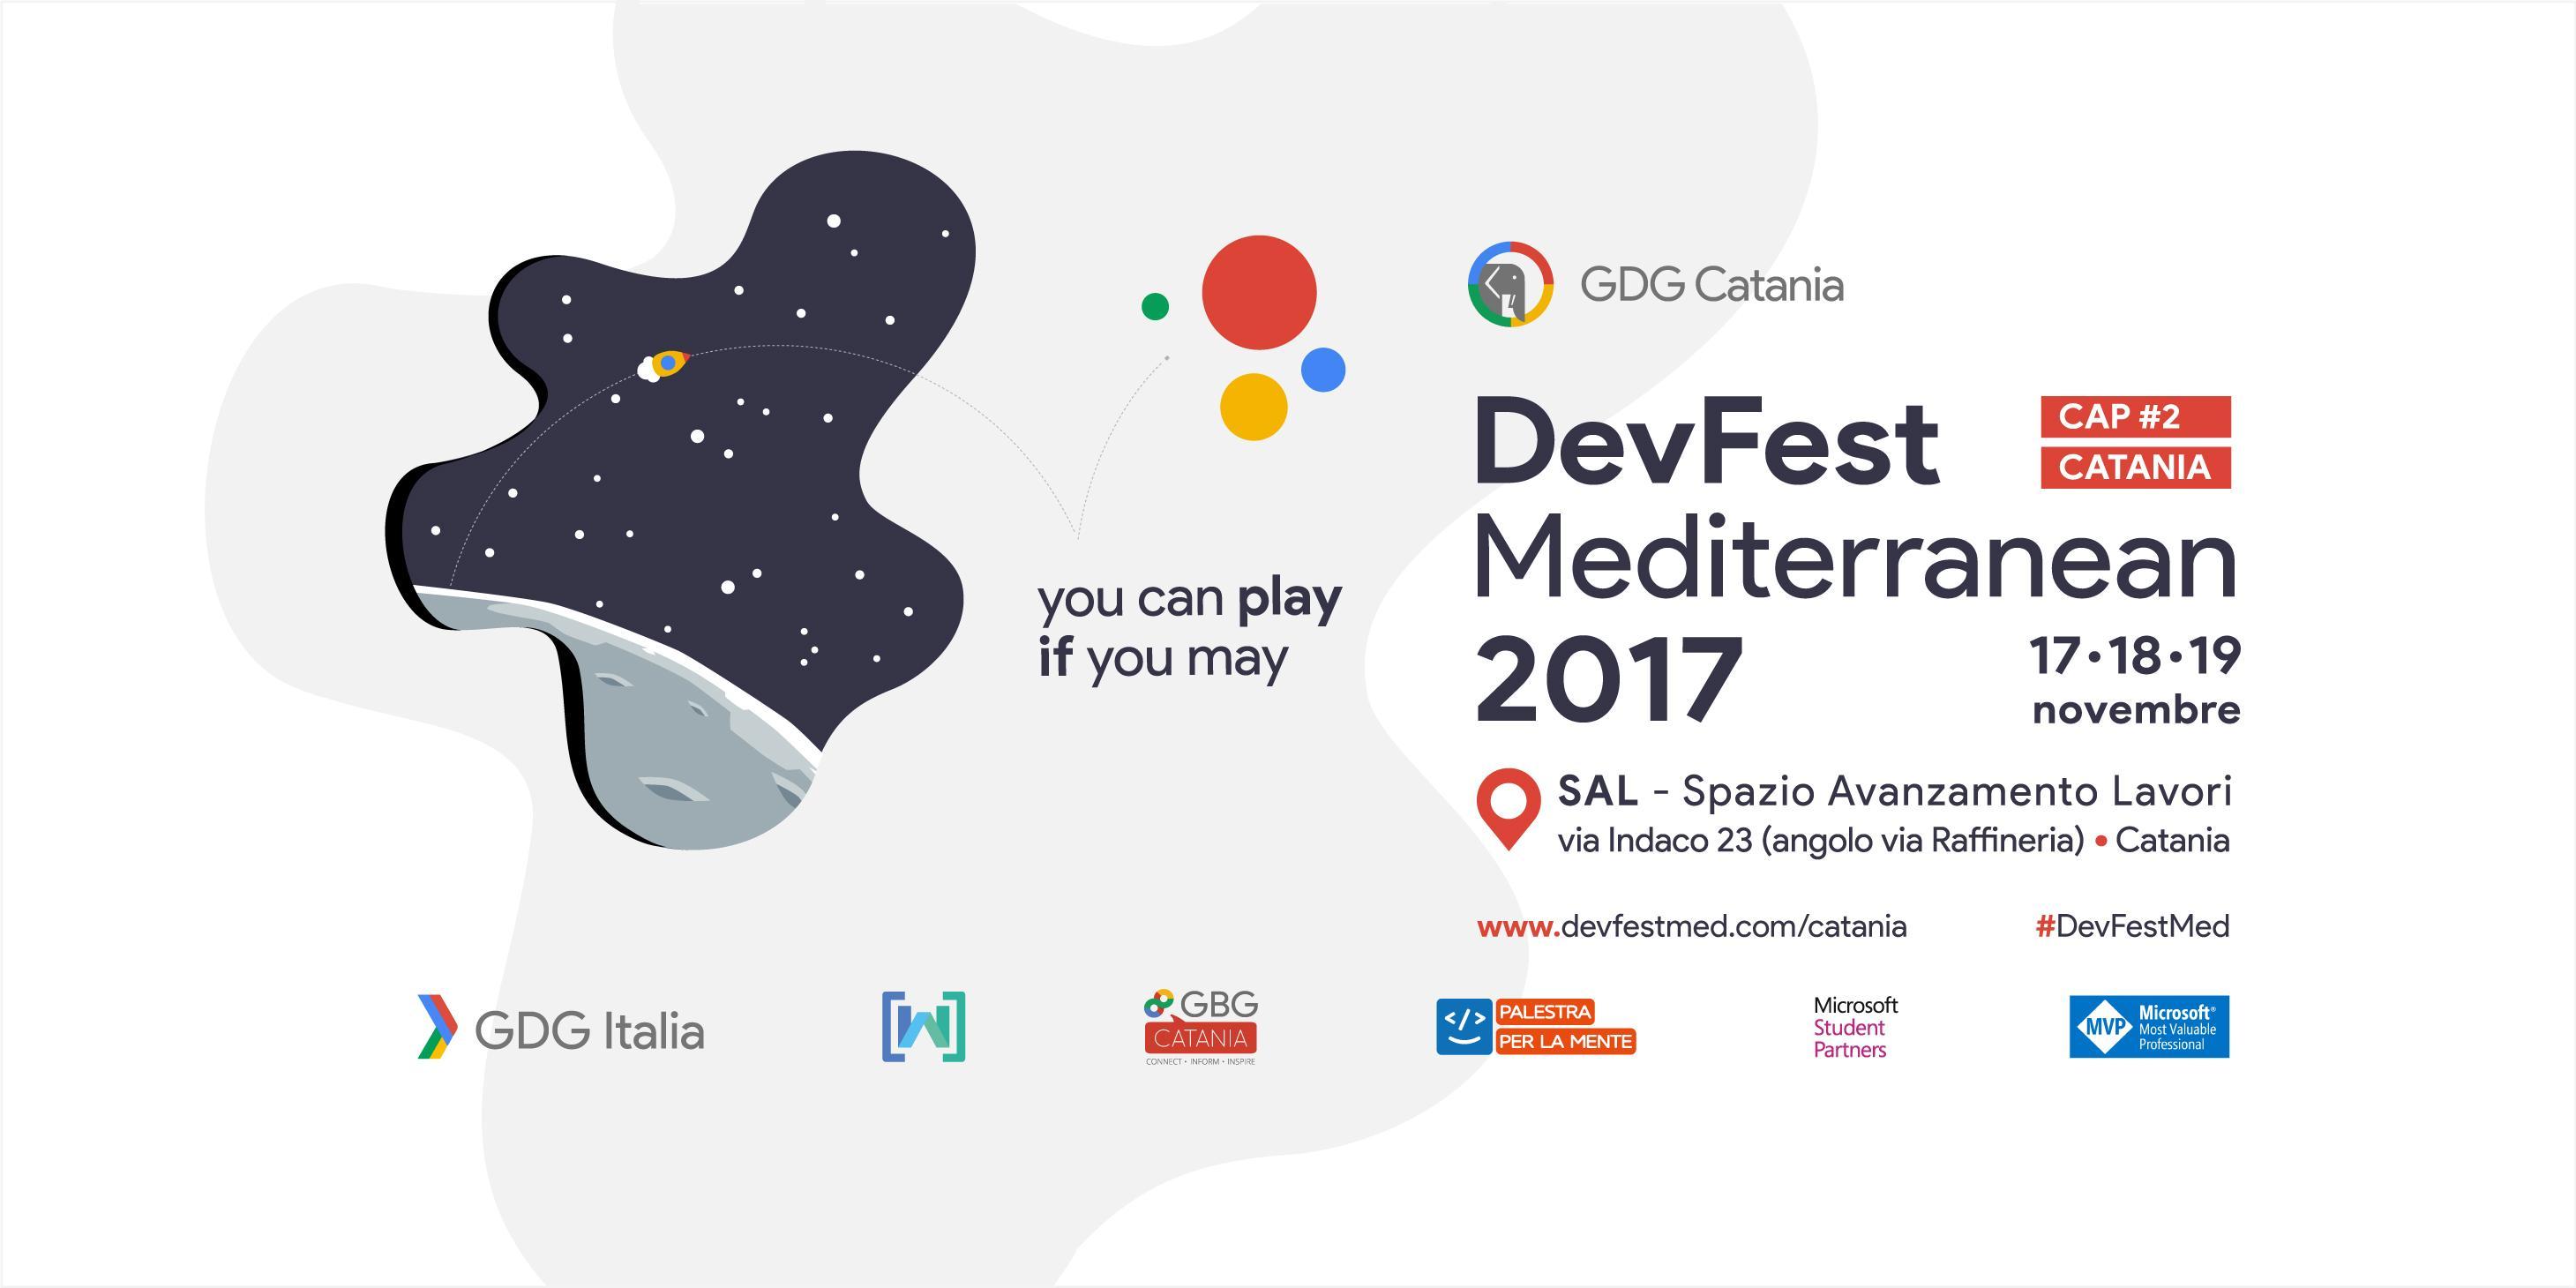 DevFest Mediterranean 2017 Cap II